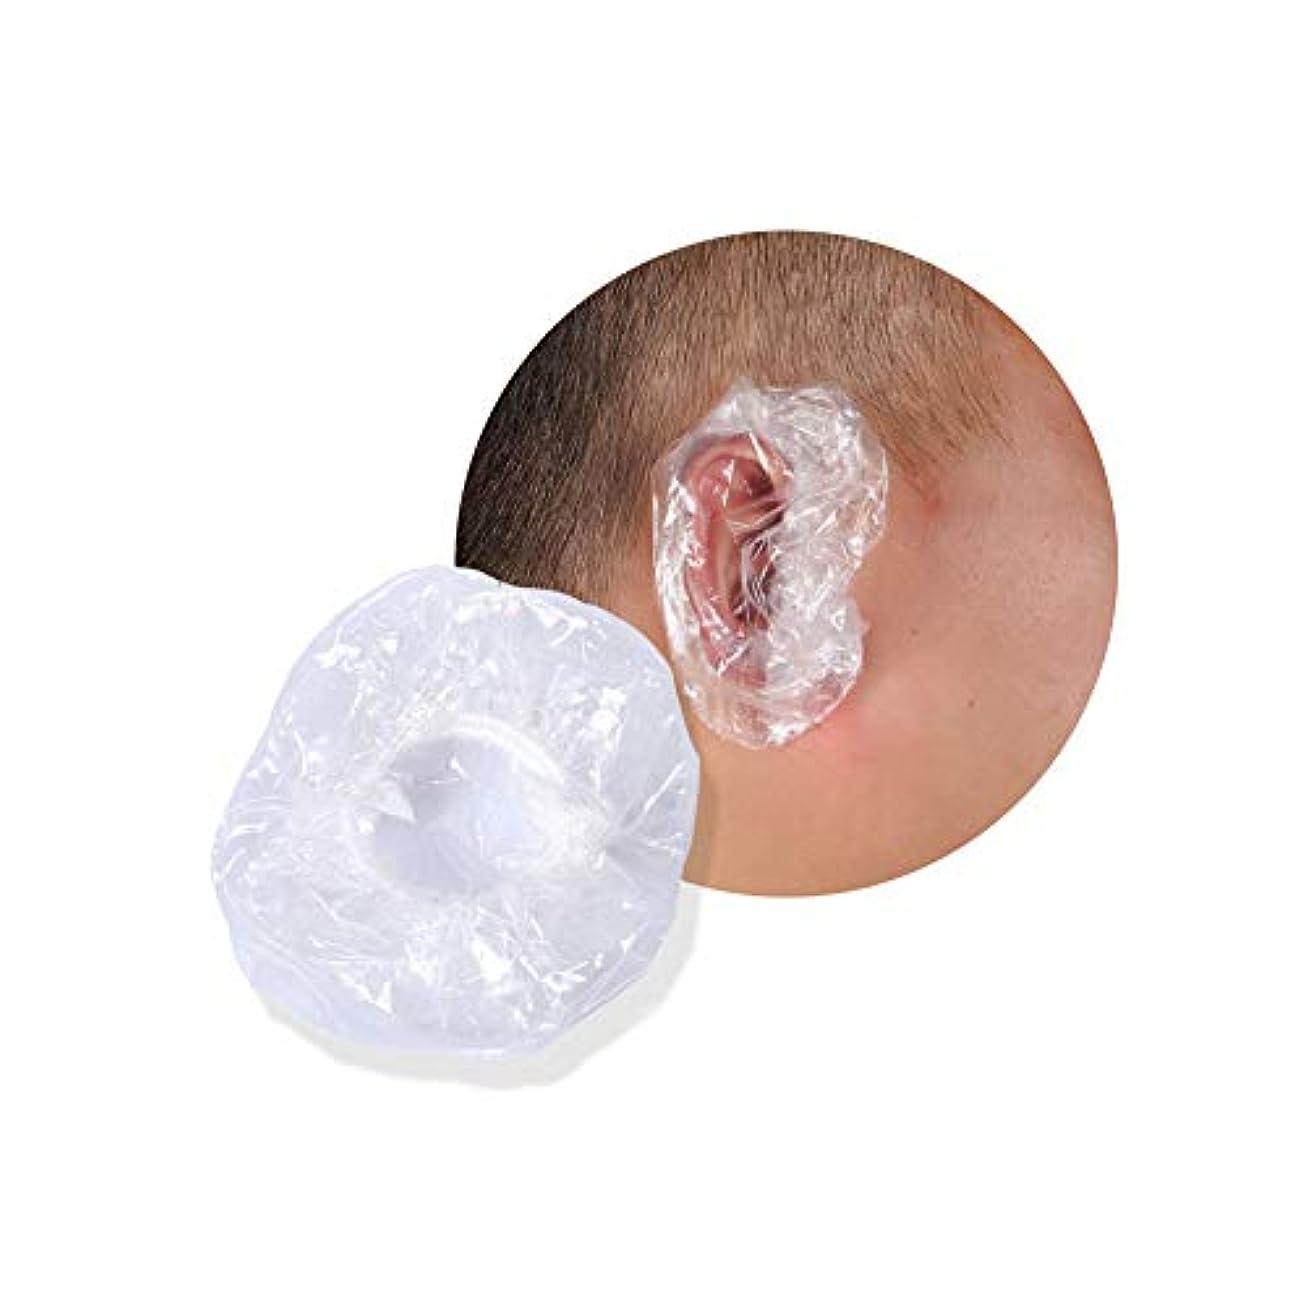 イヤーキャップ 使い捨て 簡単 装着 透明 ビニール 耳 保護 カバー 毛染め パーマ 縮毛矯正 シャンプー トリートメント 100個入り